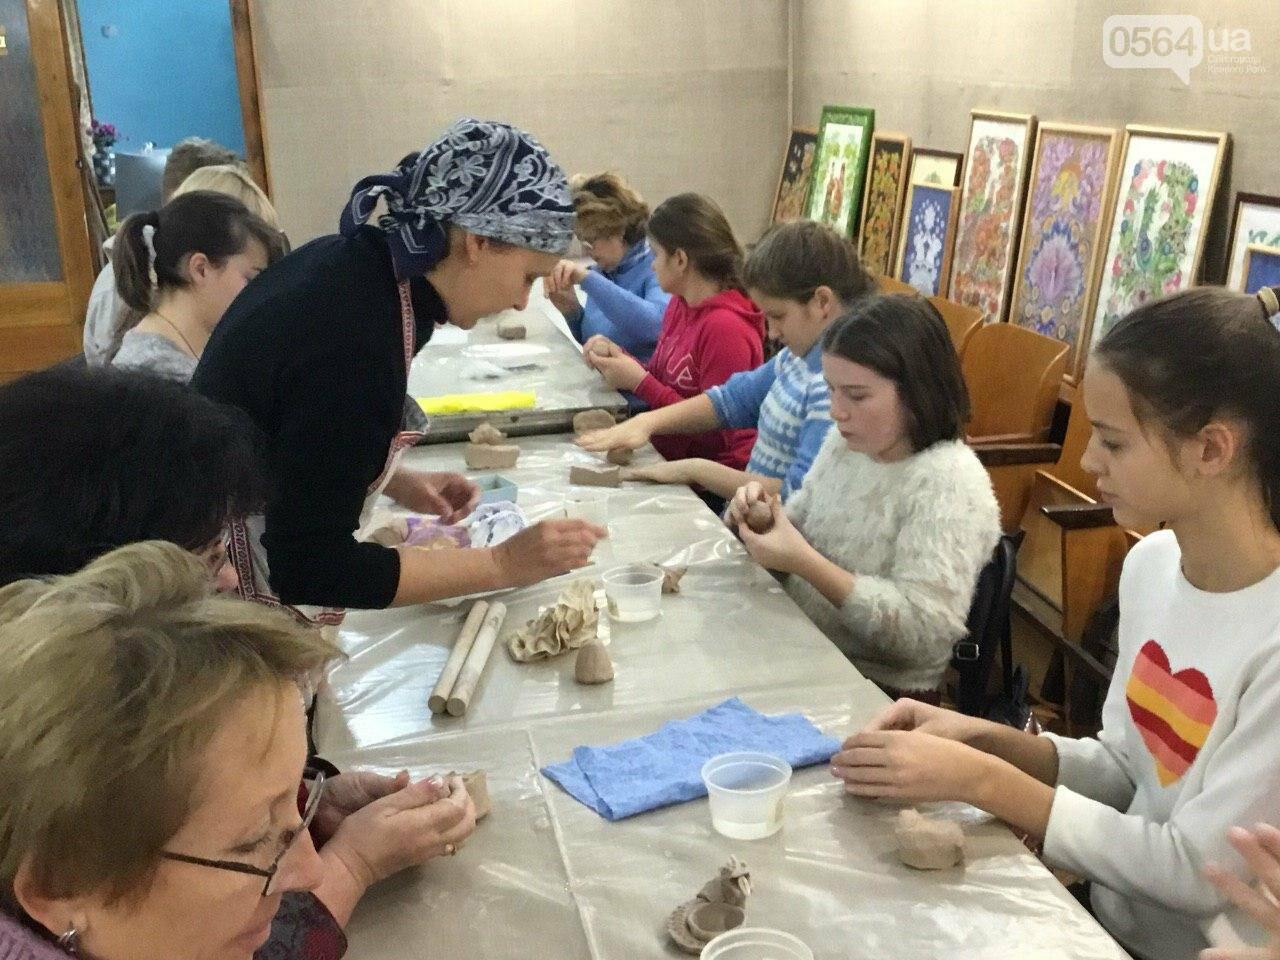 В криворожском музее провели увлекательный мастер-класс, - ФОТО, ВИДЕО, фото-6